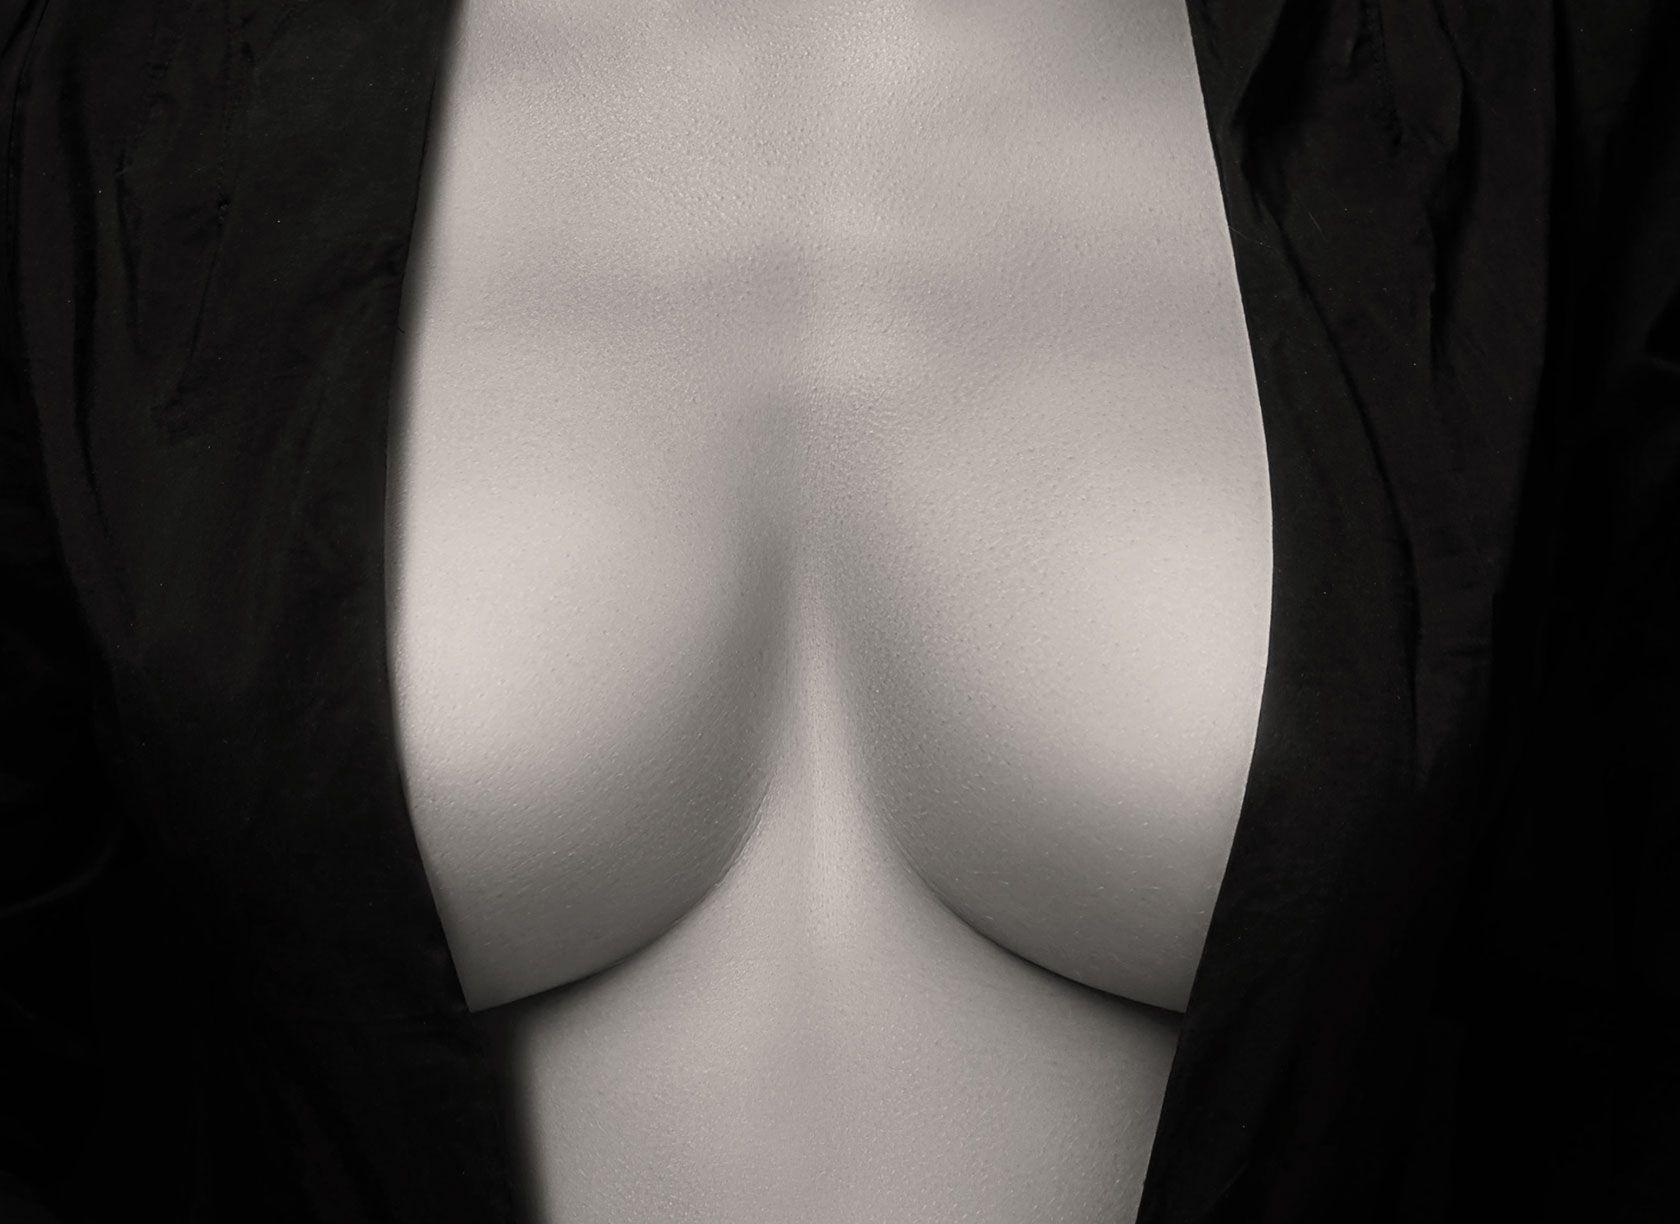 L'augmentation mammaire par prothèse à Paris 8 du Dr Pachet